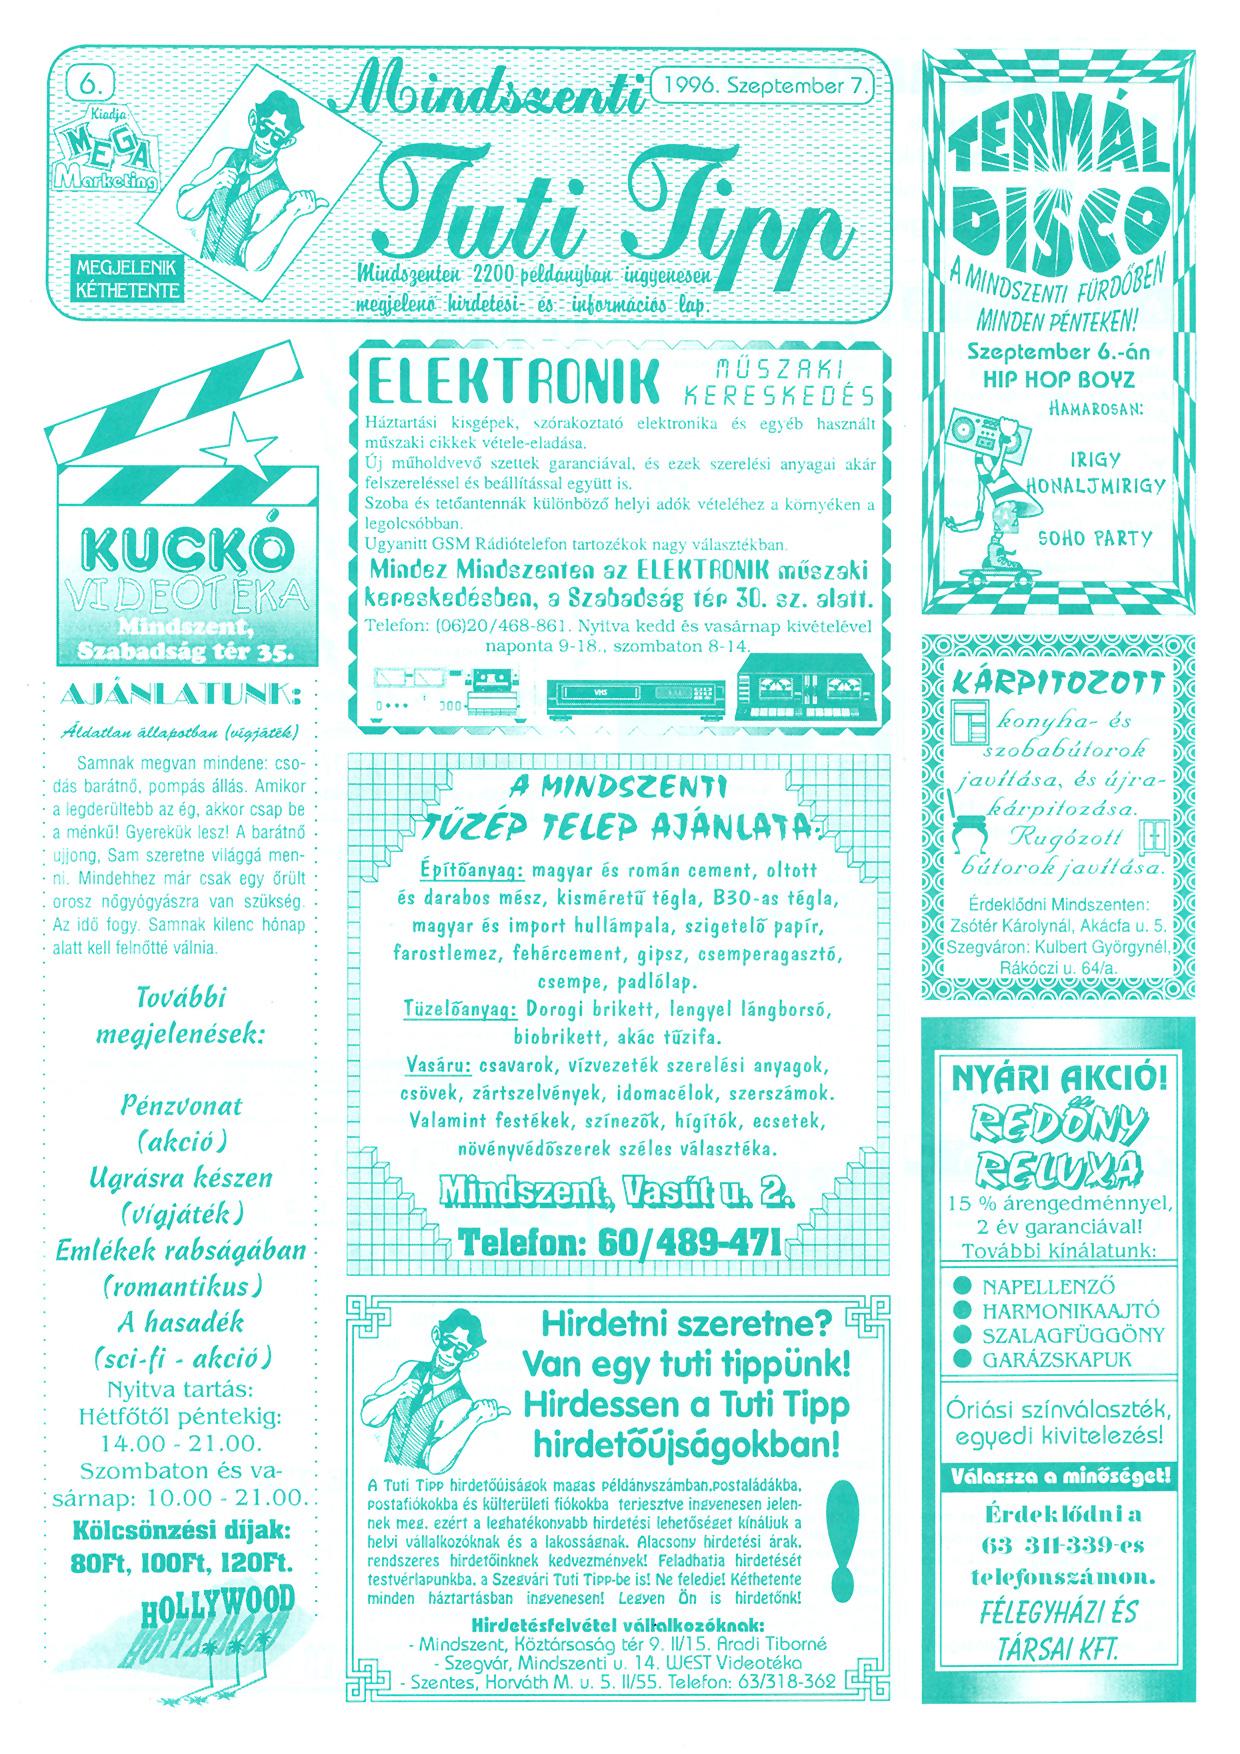 049 Mindszenti Tuti Tipp reklámújság - 19960907-006. lapszám - 1.oldal - II. évfolyam.jpg